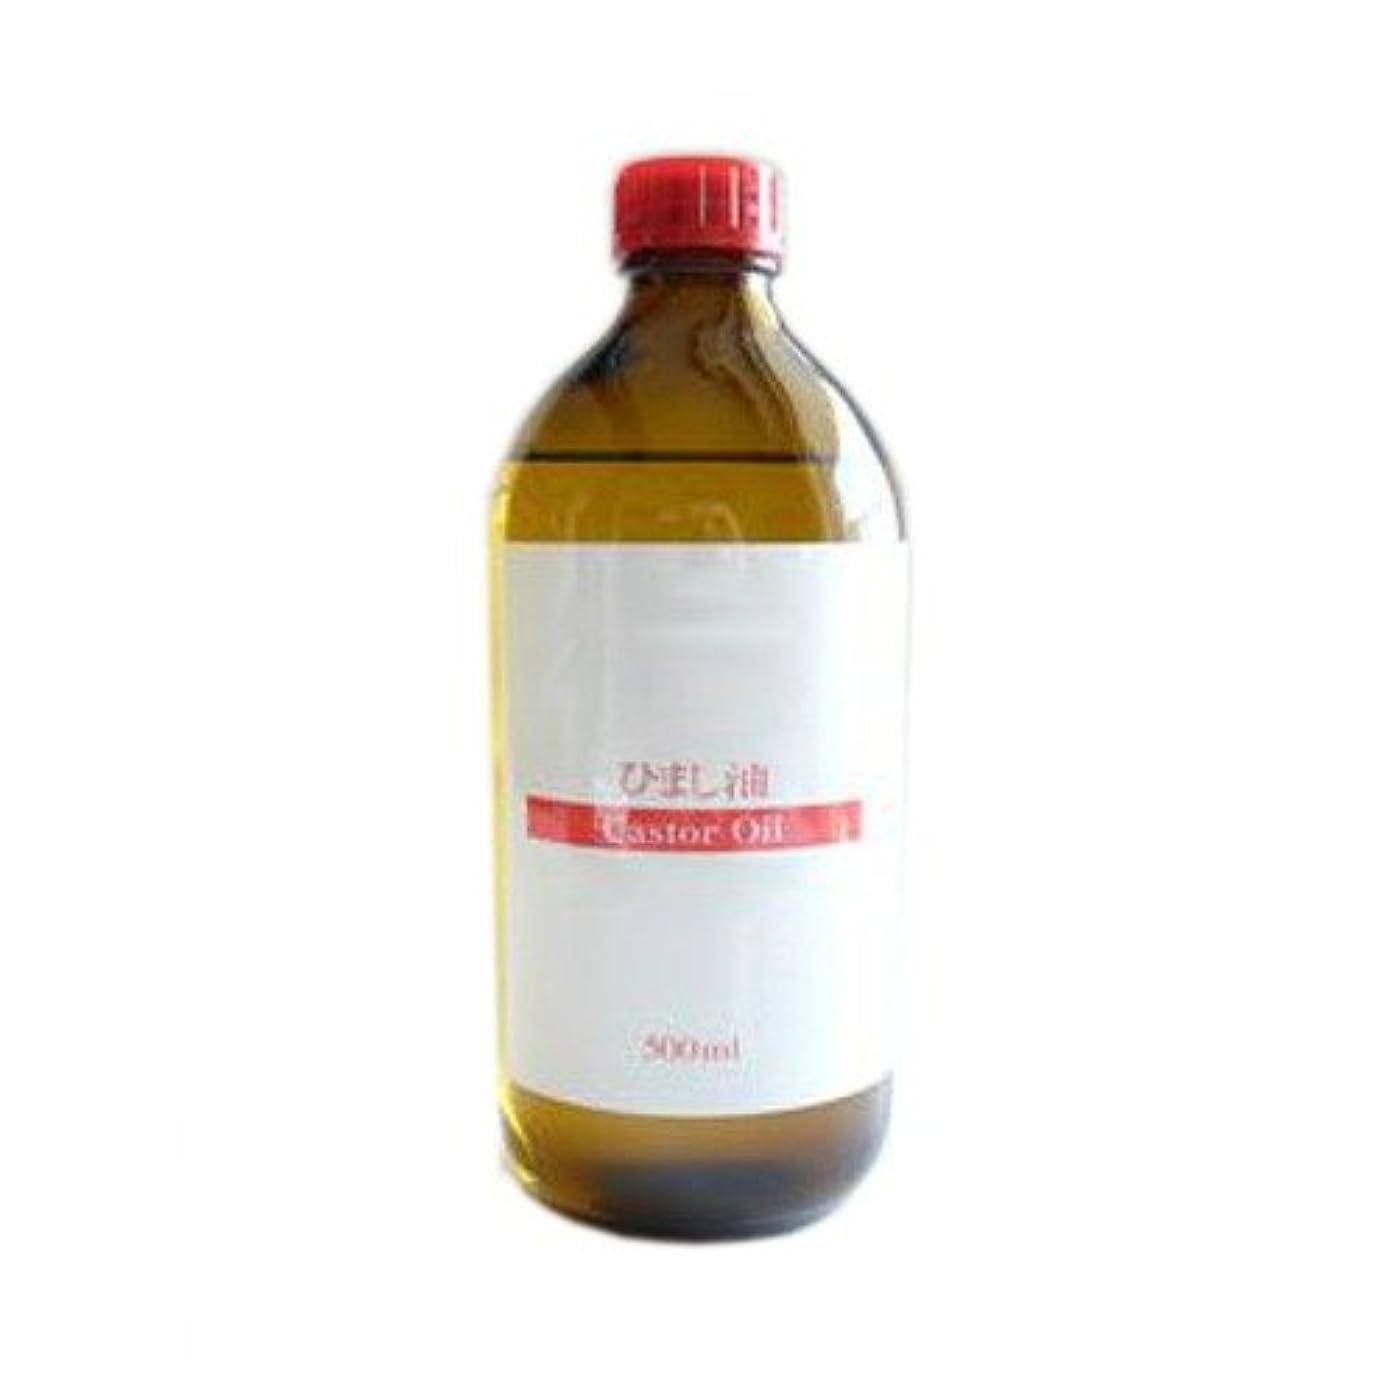 ベーカリー愛する回転させるひまし油 (キャスターオイル) 500ml